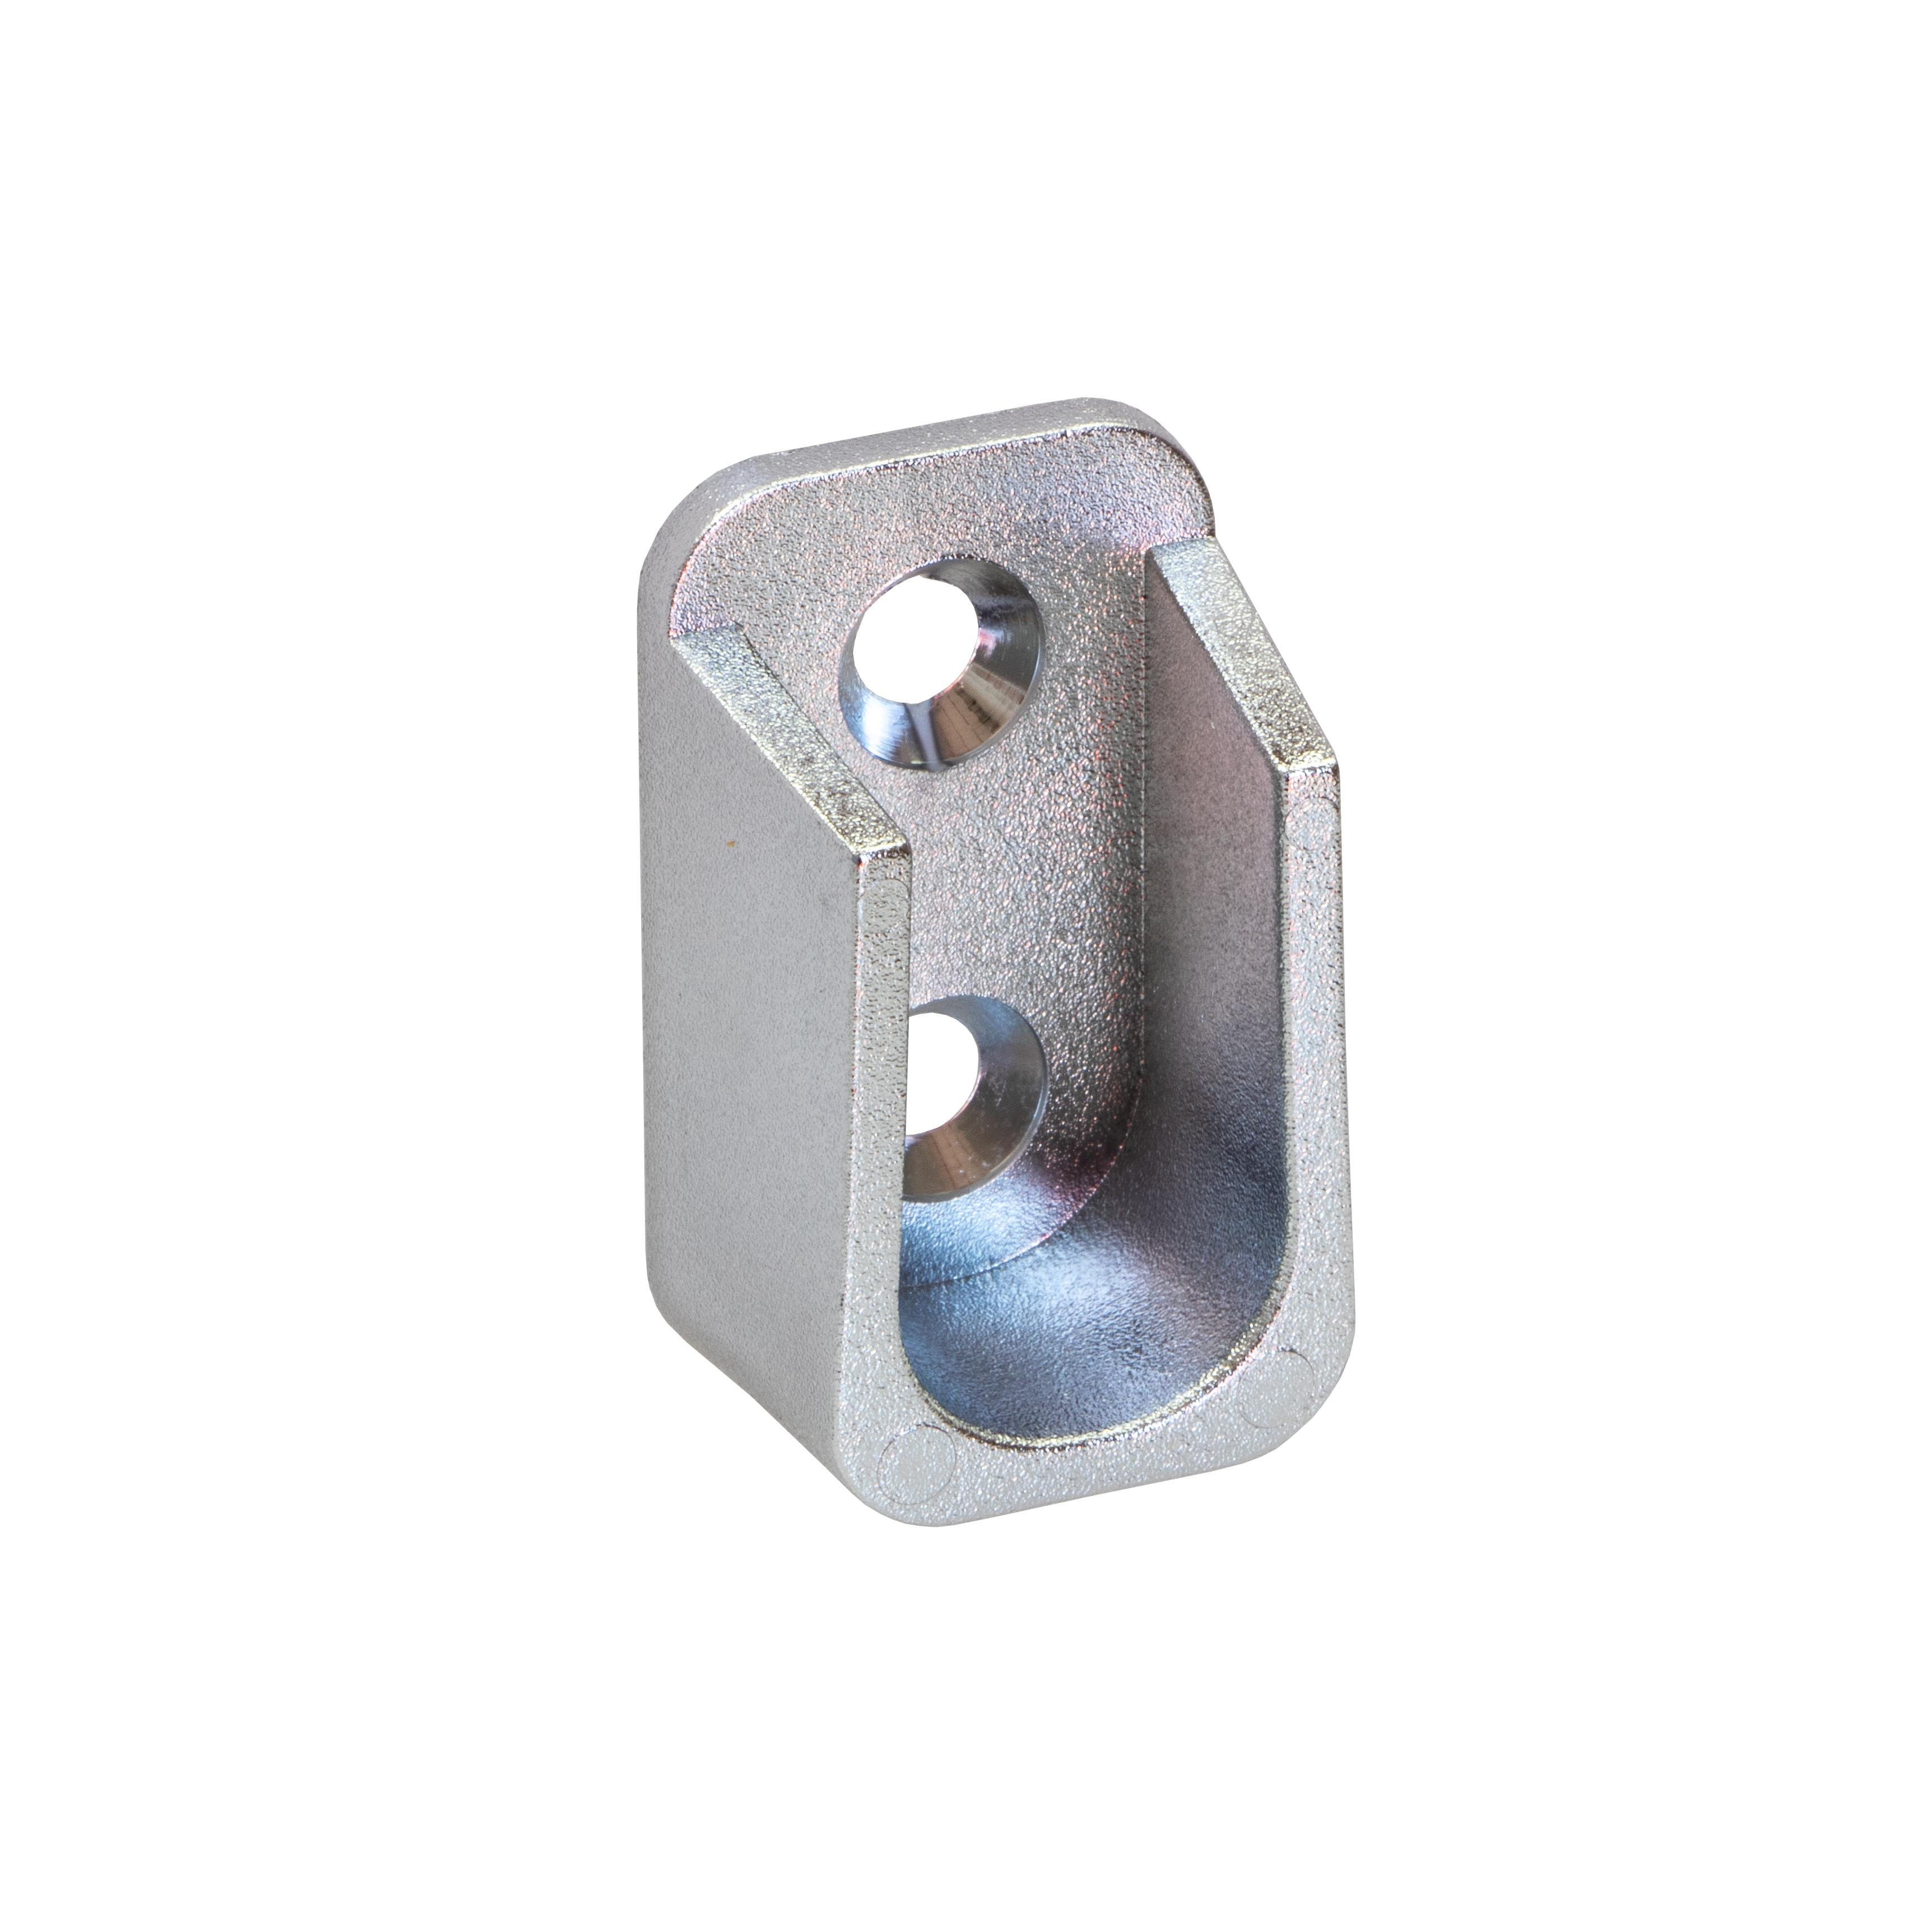 Häfele Schrankrohrlager oval H7585 für Schrankrohr OVA 30 x 15 mm Kunststoff verchromt poliert zum S